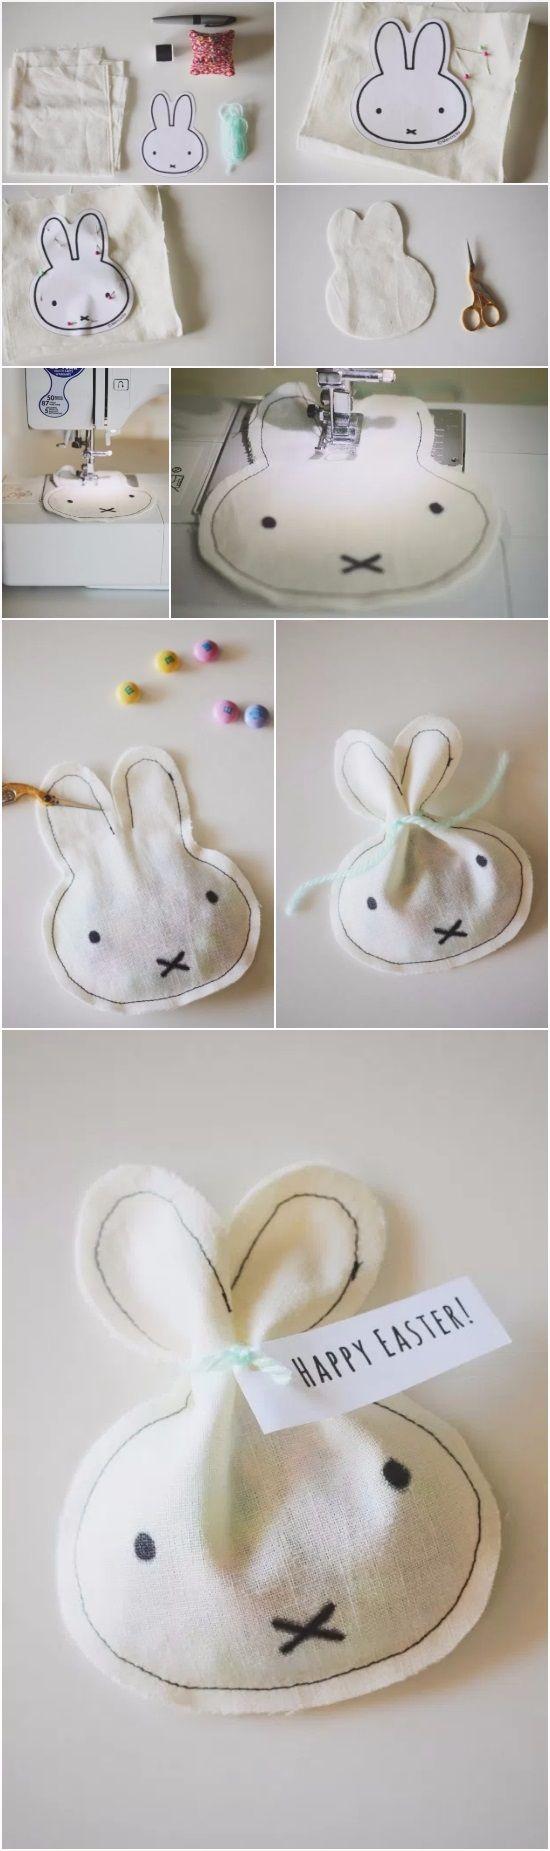 DIY // Miffy Inspired Easter Treat Bags   DIY Fun Tips